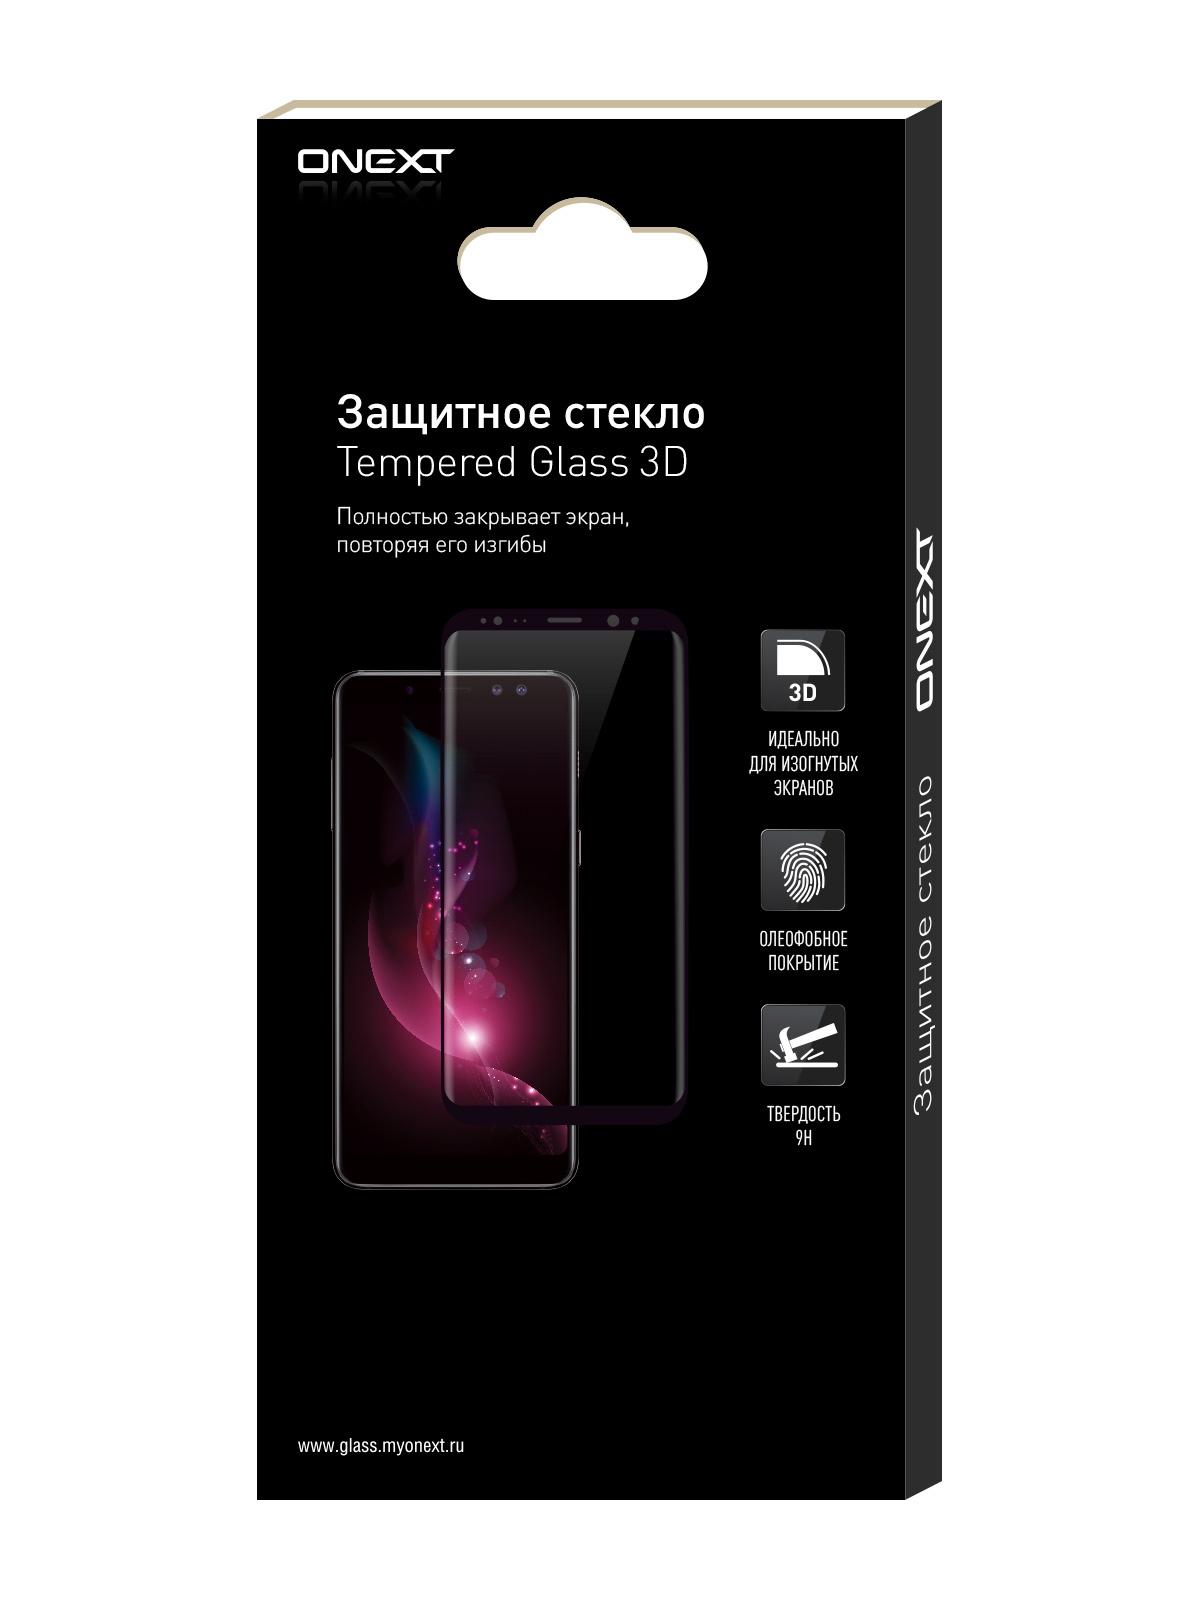 Защитное стекло ONEXT Sony Xperia XZ 3, 3D